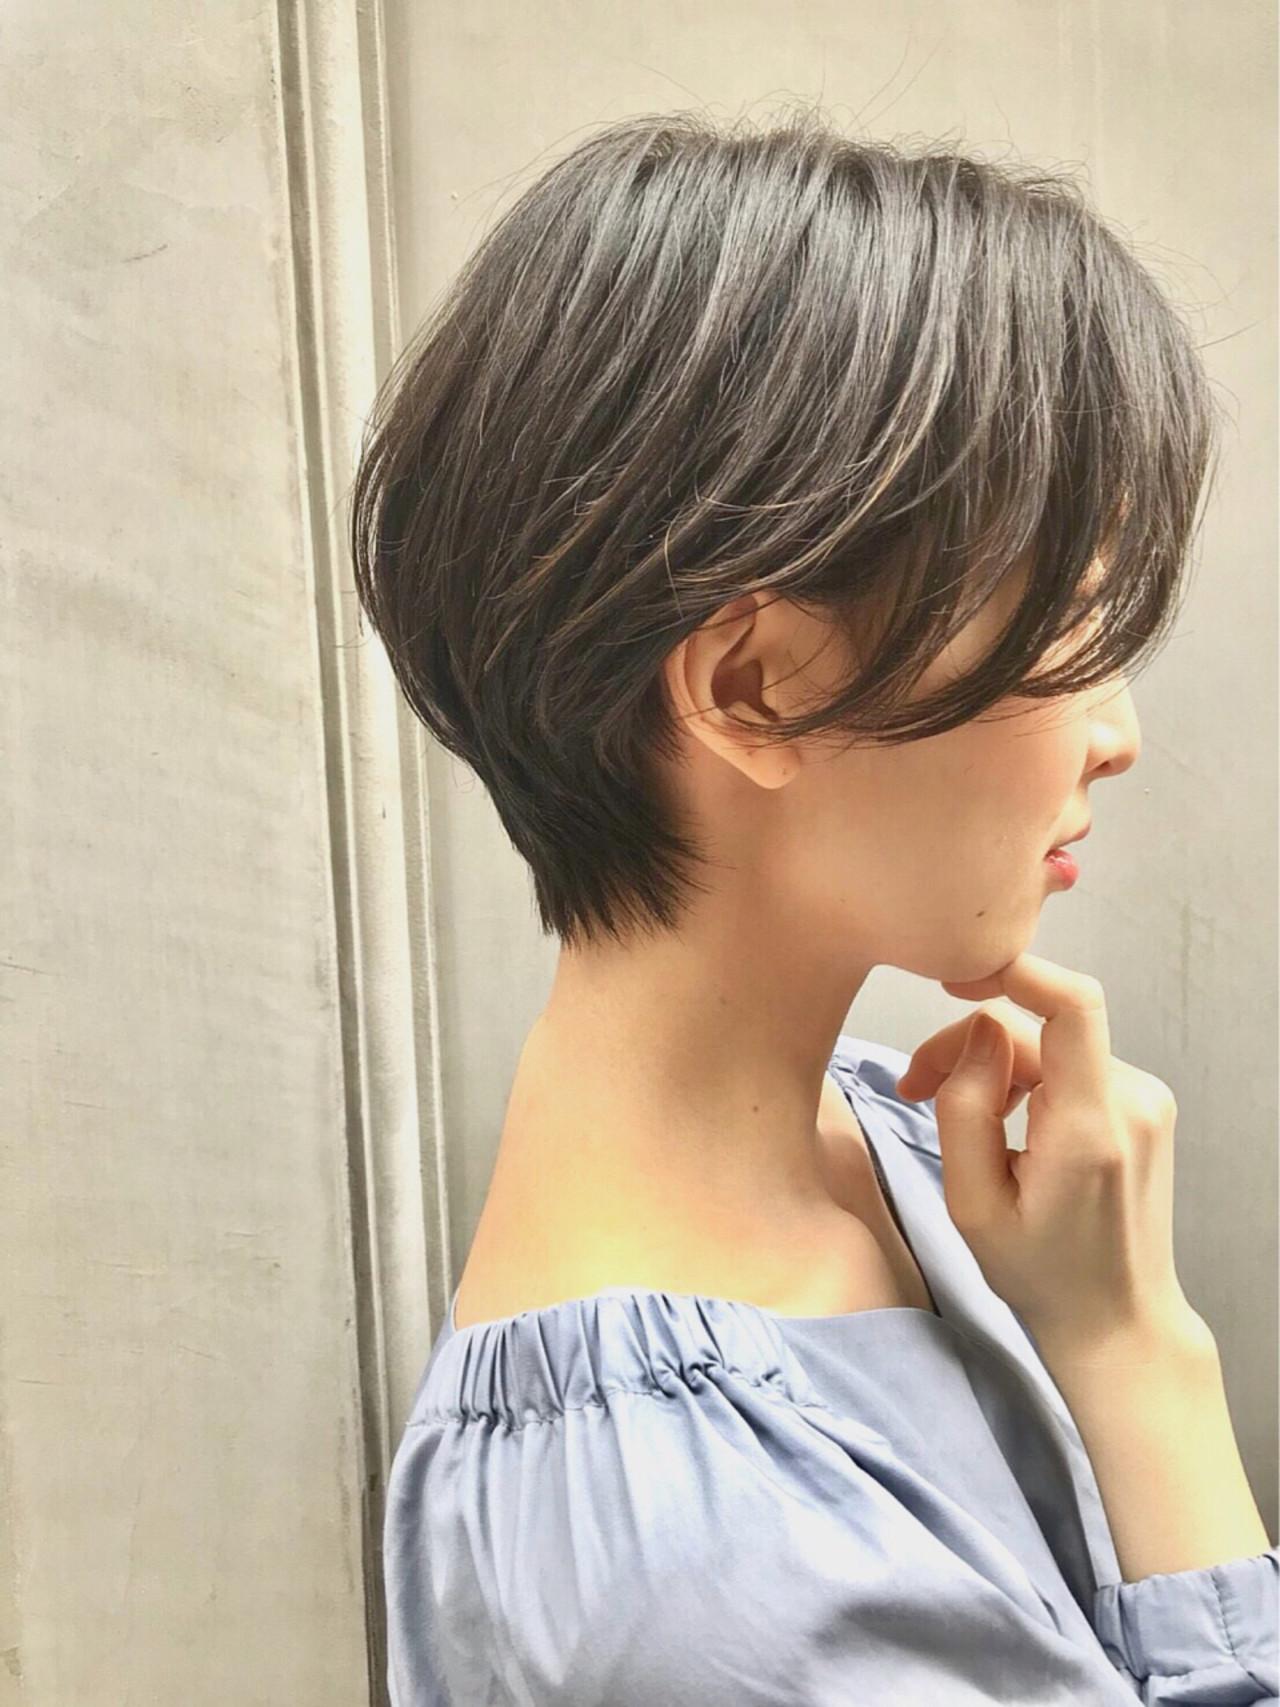 ナチュラル 比留川游 長澤まさみ ショート ヘアスタイルや髪型の写真・画像